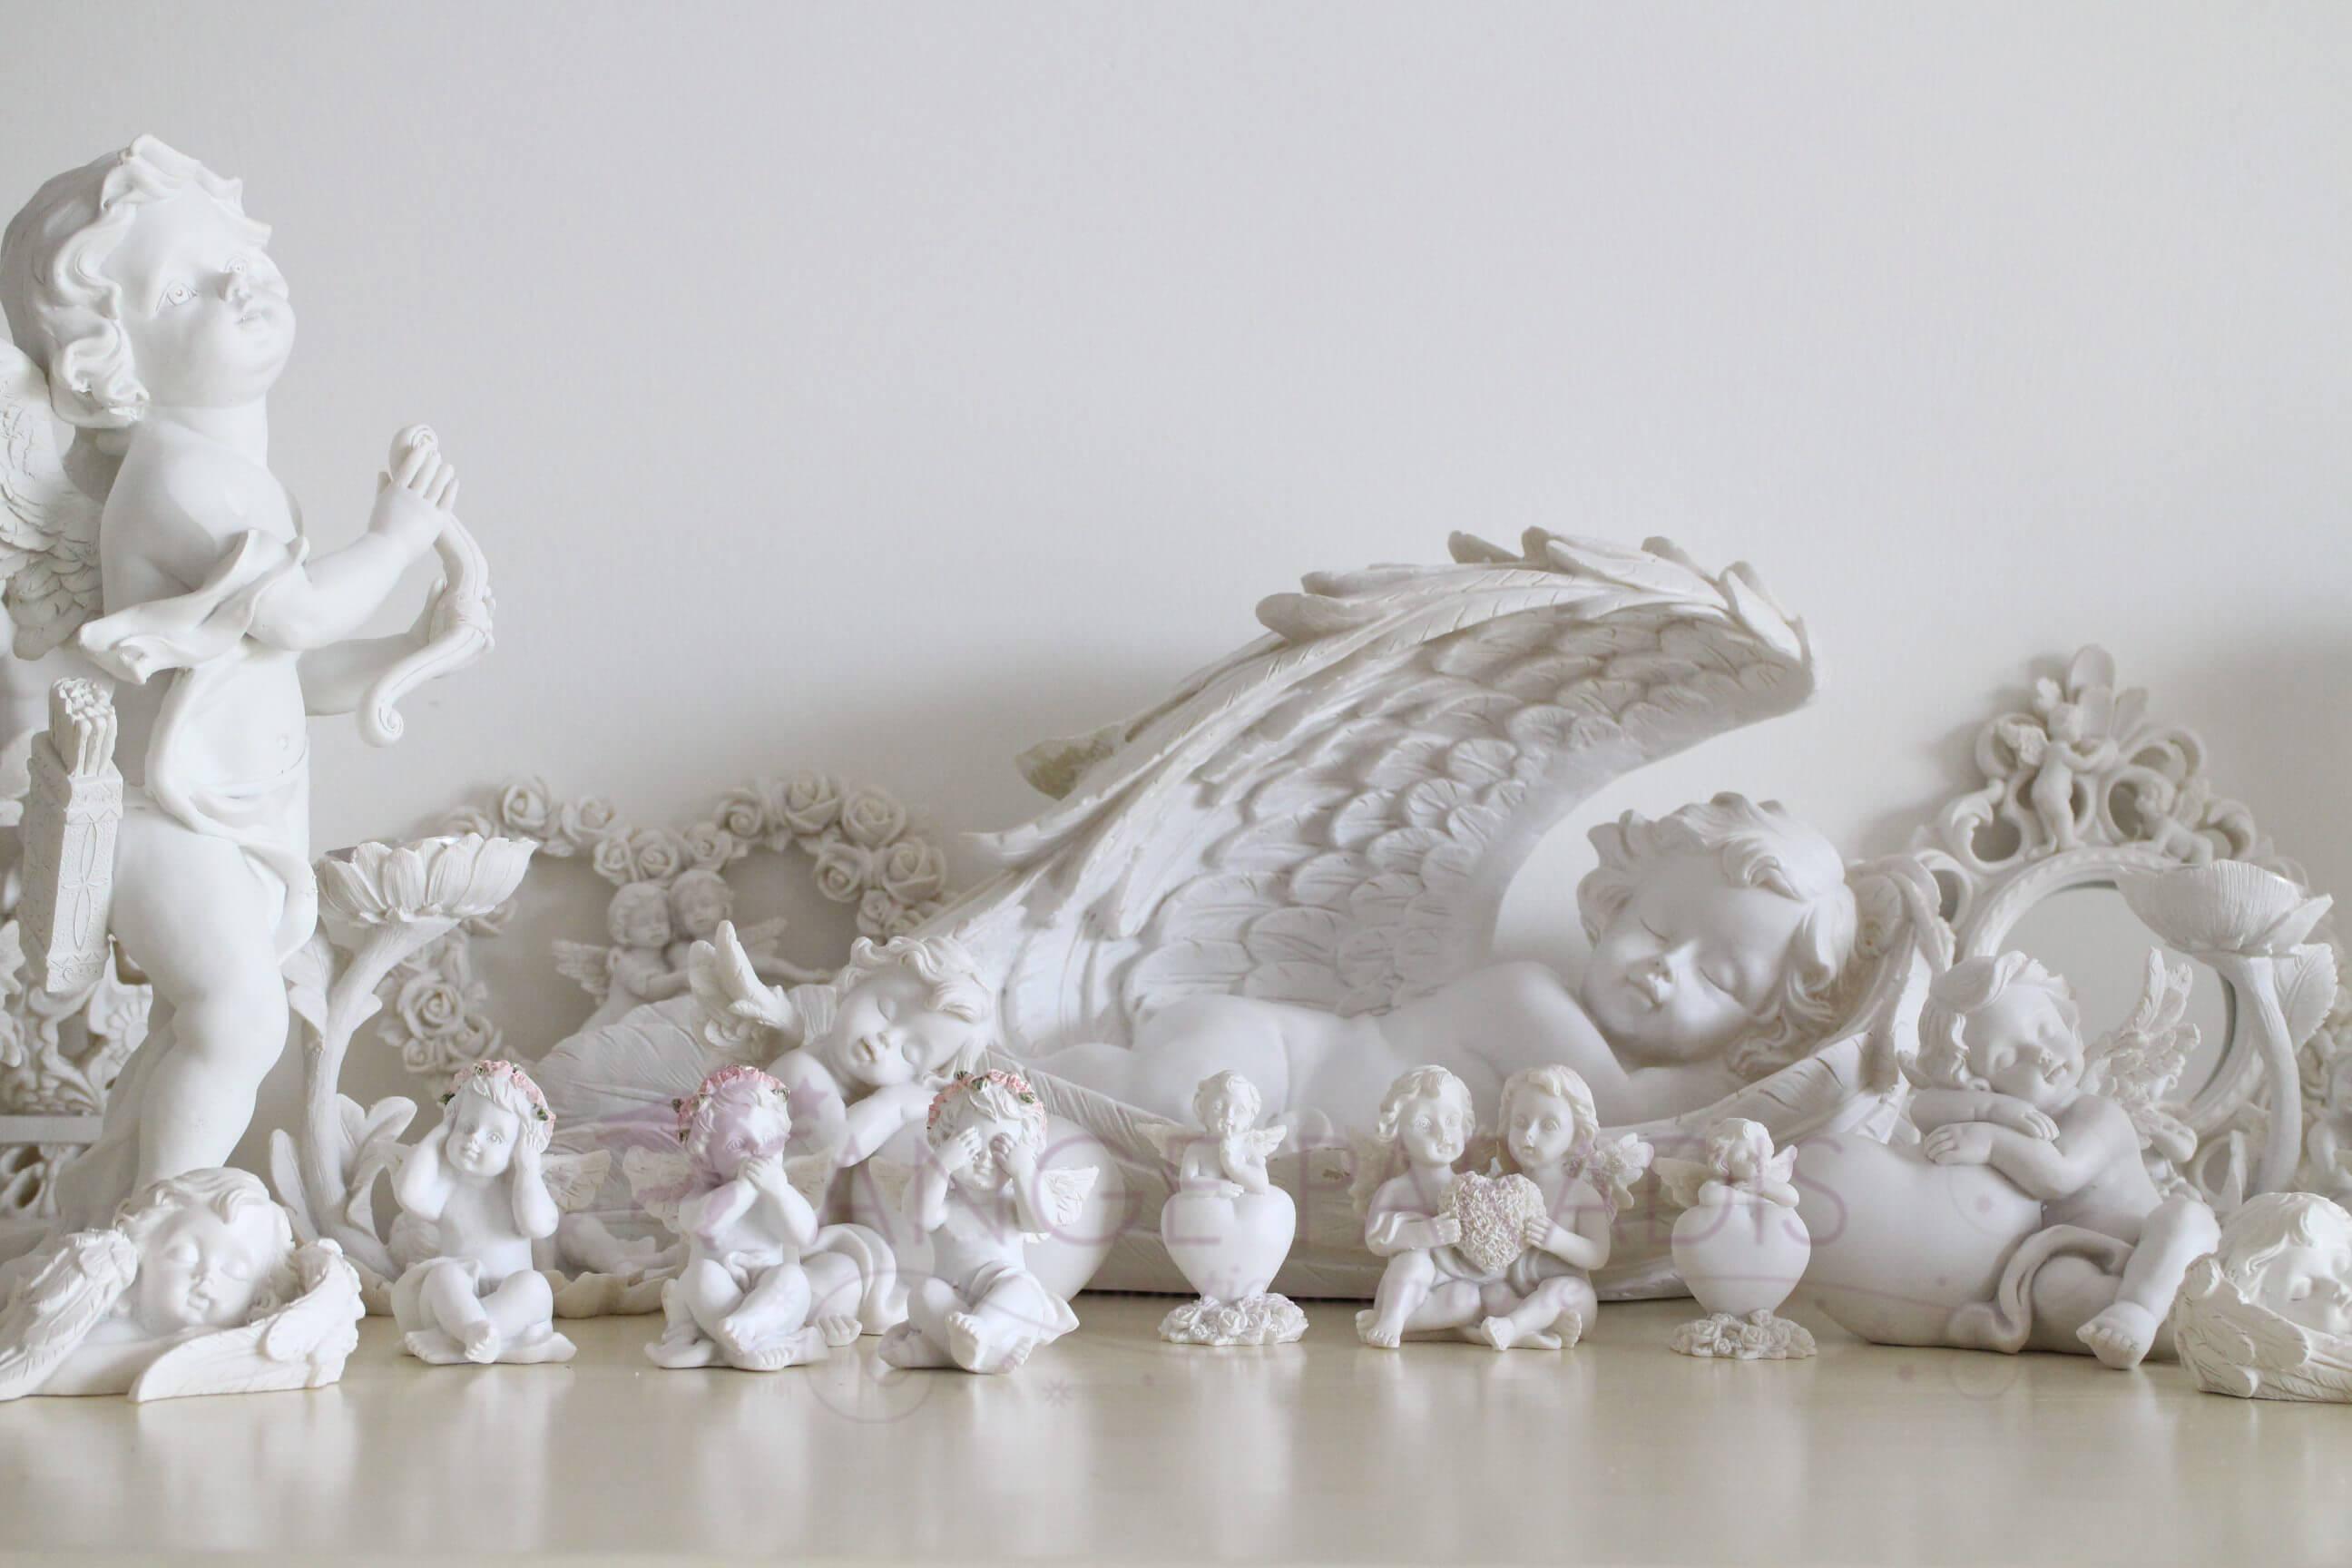 Cadeaux avec anges en blanc boutique de statues d 39 anges for Sujet de decoration de jardin